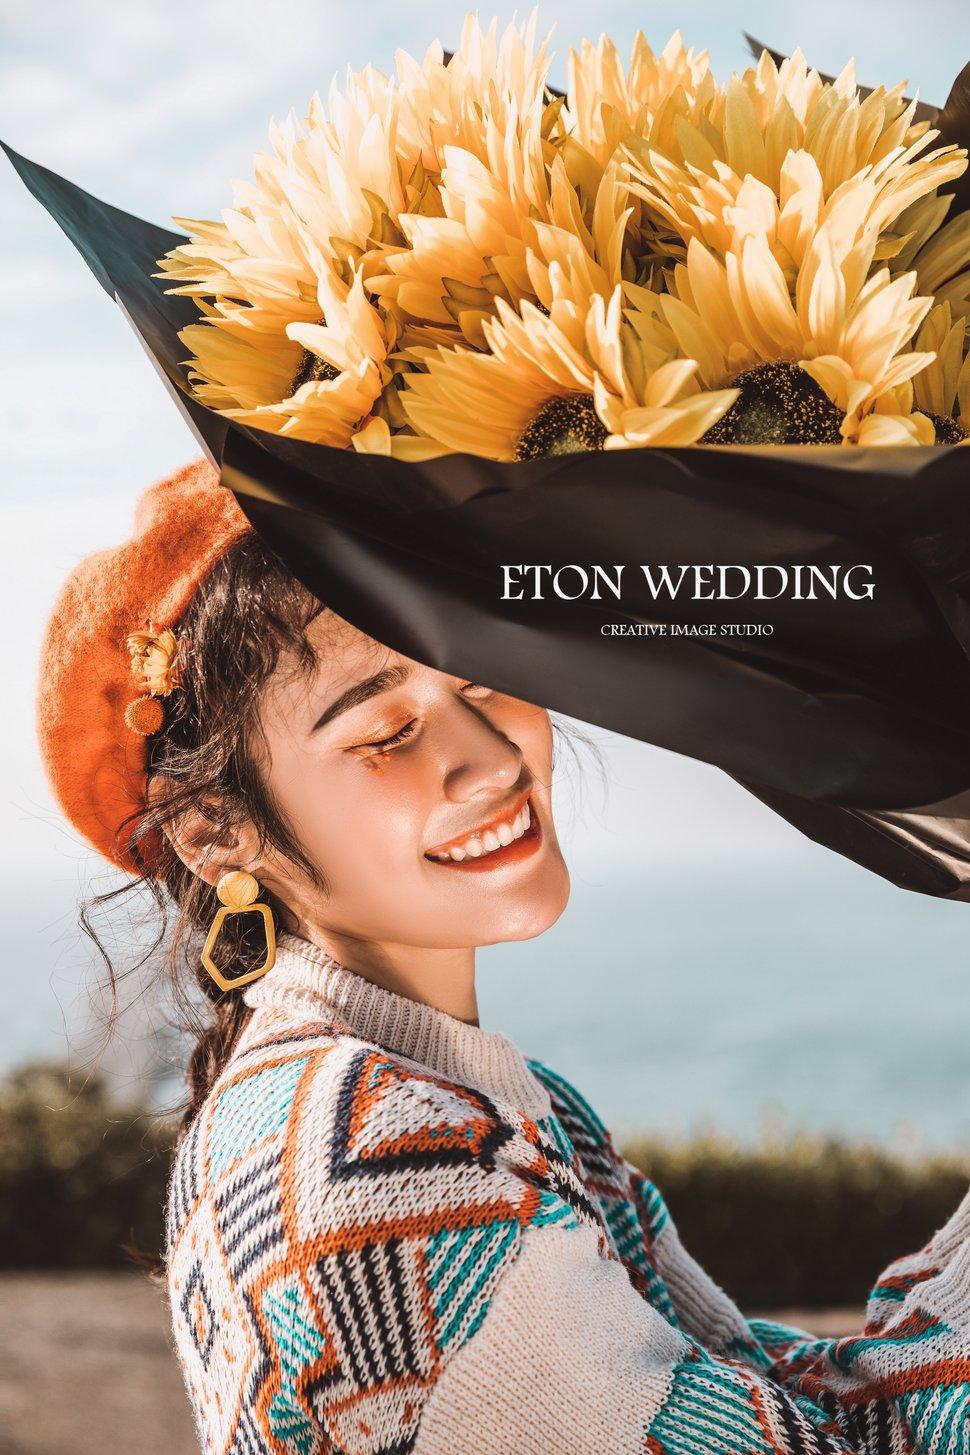 高雄拍婚紗,伊頓自助婚紗 (19) - 伊頓自助婚紗攝影工作室(高雄創始店)《結婚吧》